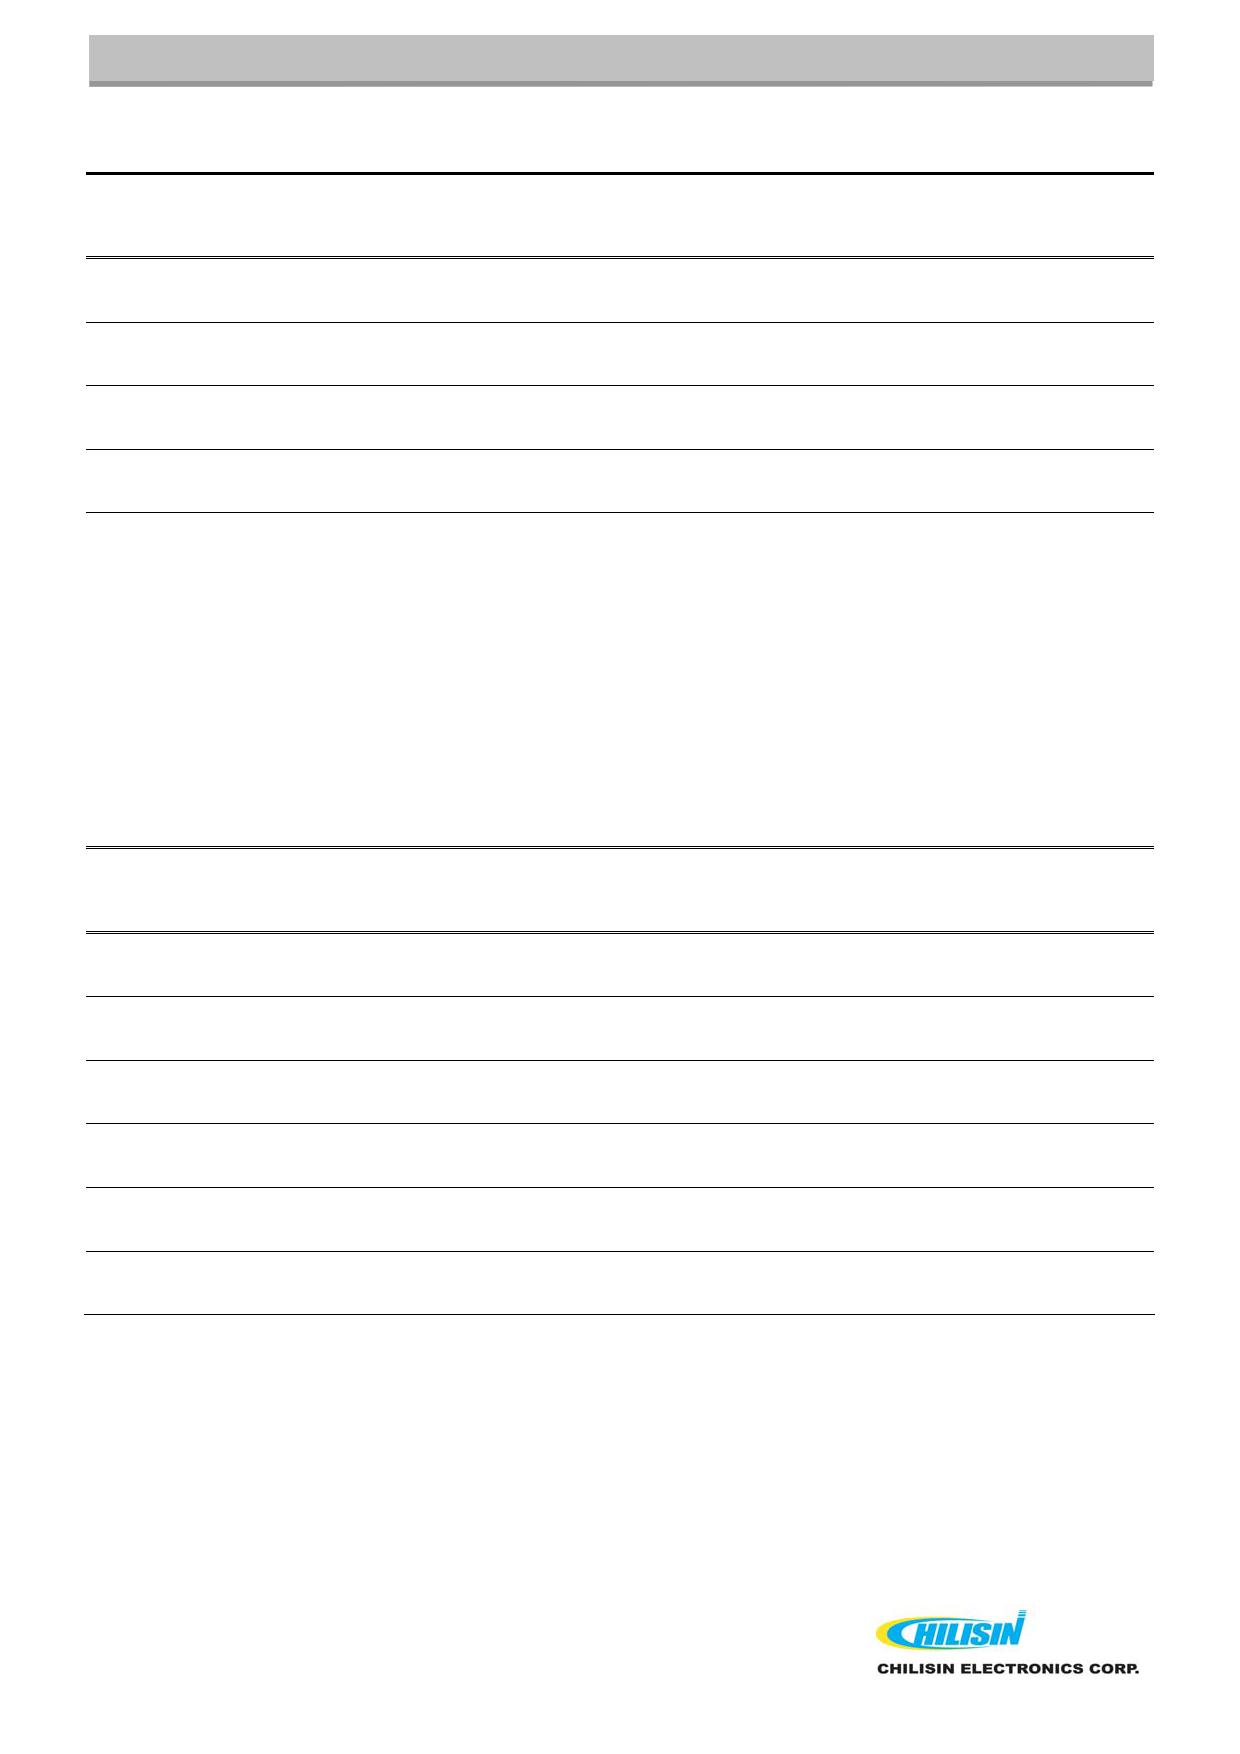 SQC322520T pdf, 반도체, 판매, 대치품